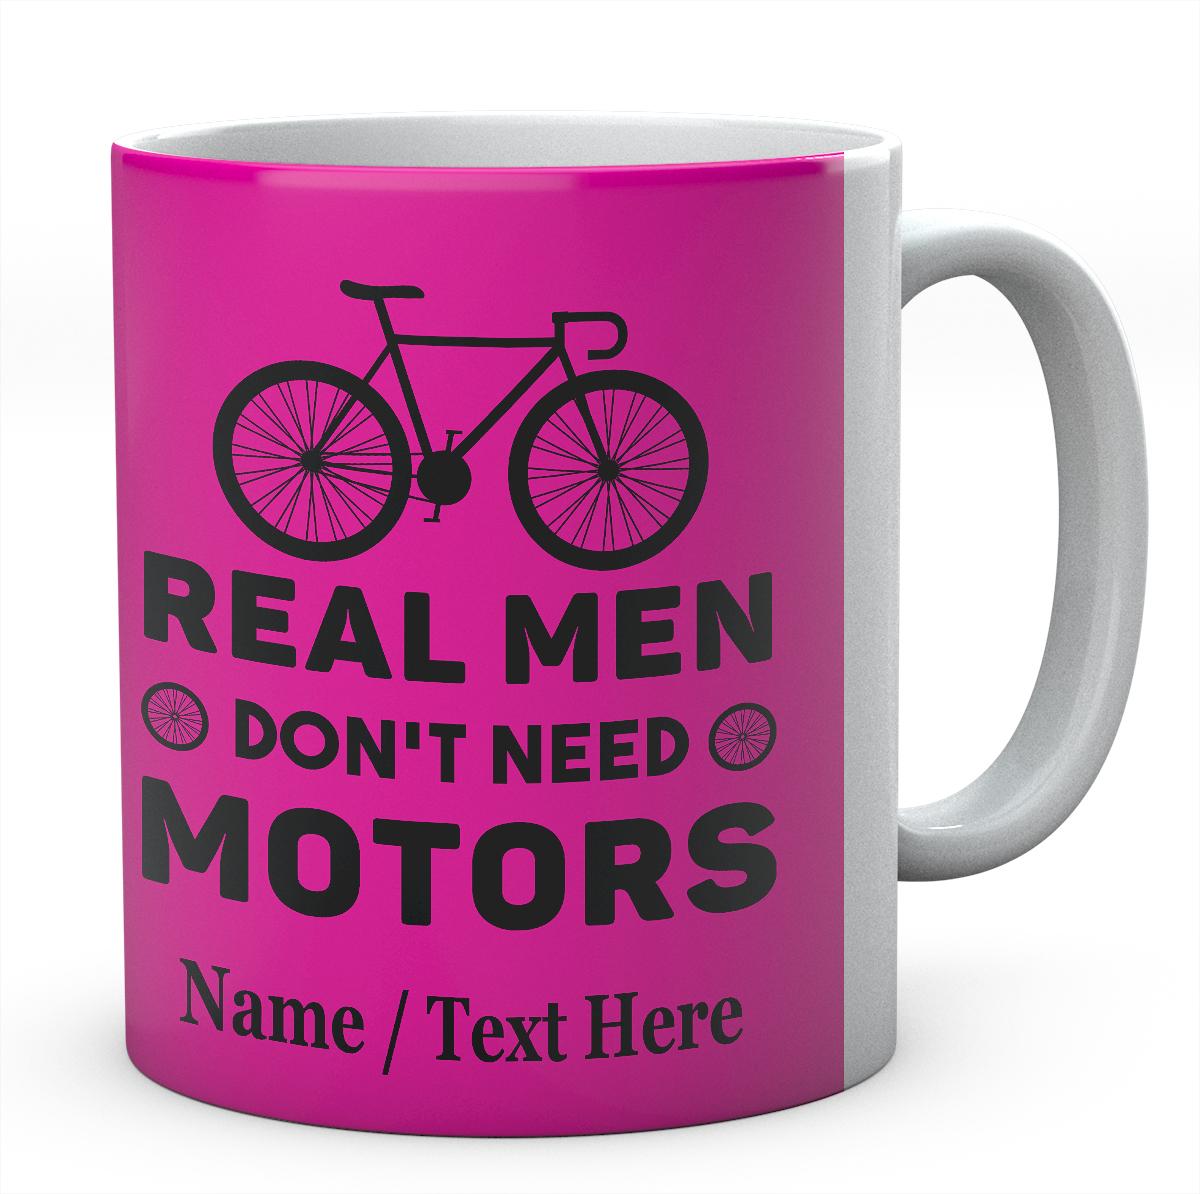 Real Men Don't Need Motors-Funny Mug